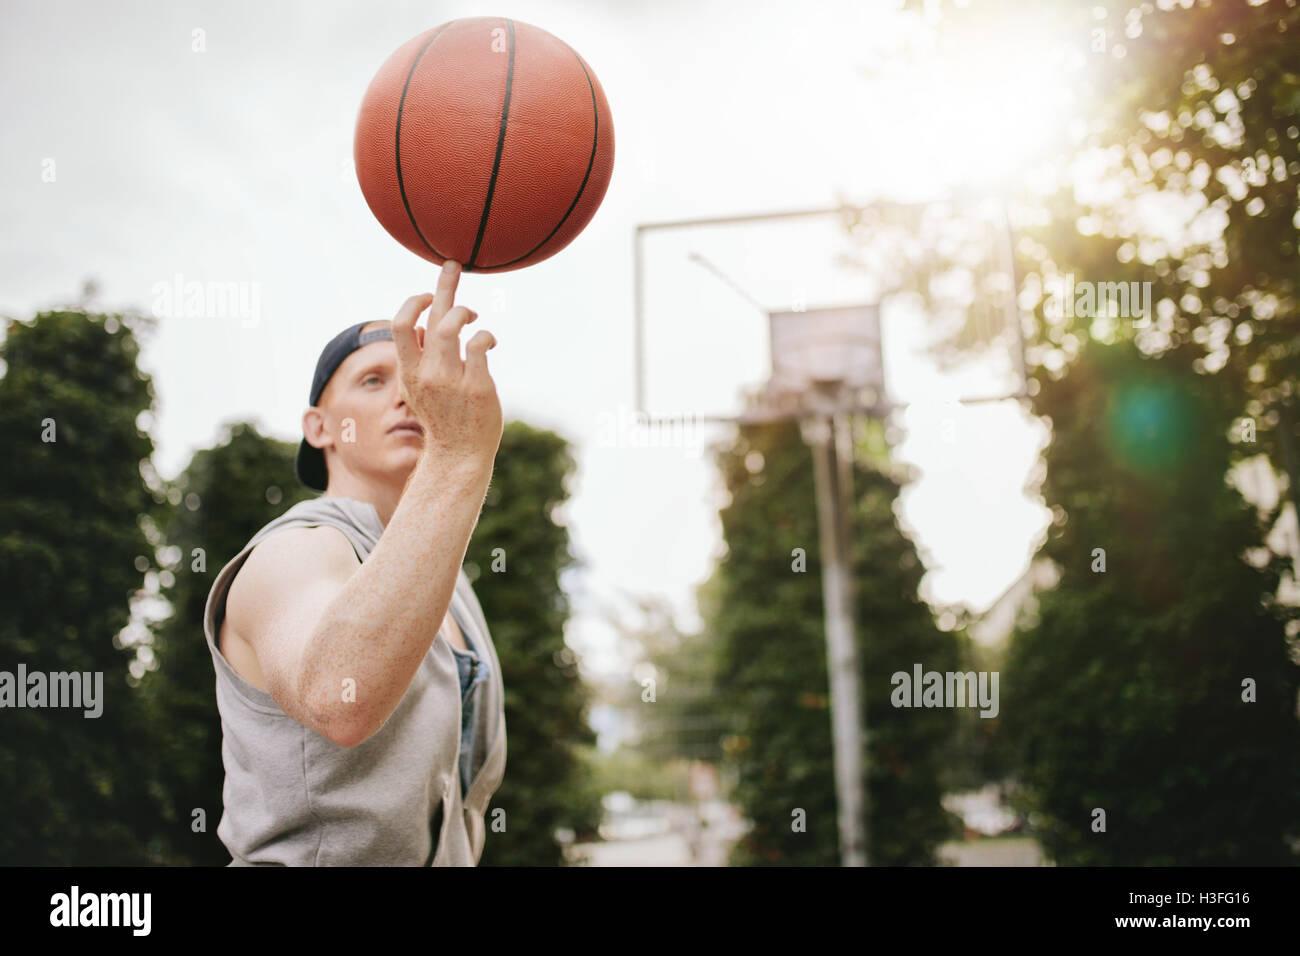 Joven baloncesto equilibrado sobre su dedo en el tribunal exterior. Jugador de Streetball gira la bola. Centrarse Imagen De Stock